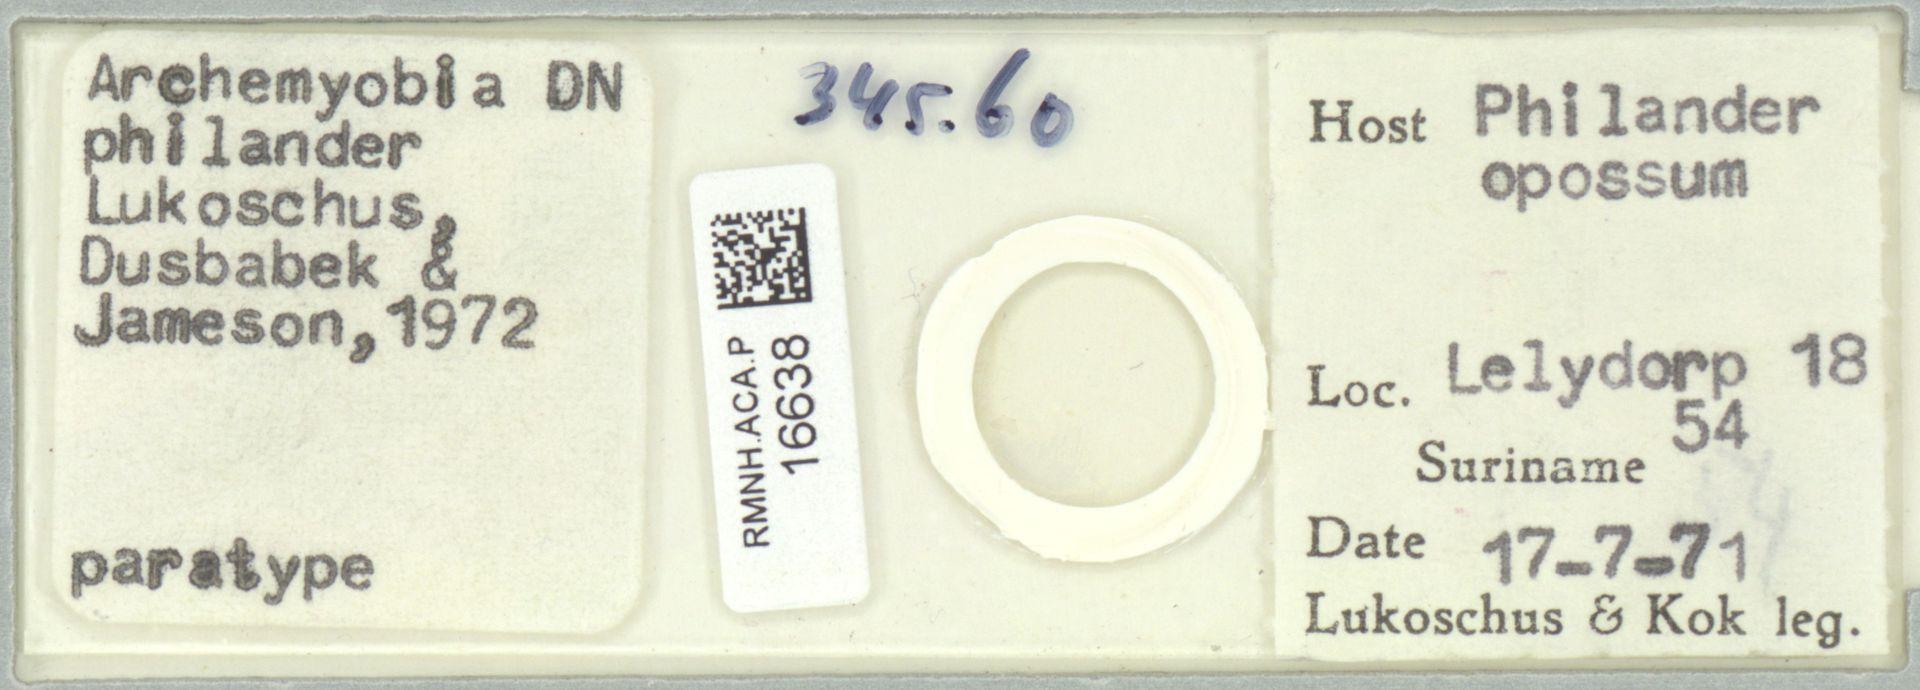 RMNH.ACA.P.16638 | Archemyobia philander